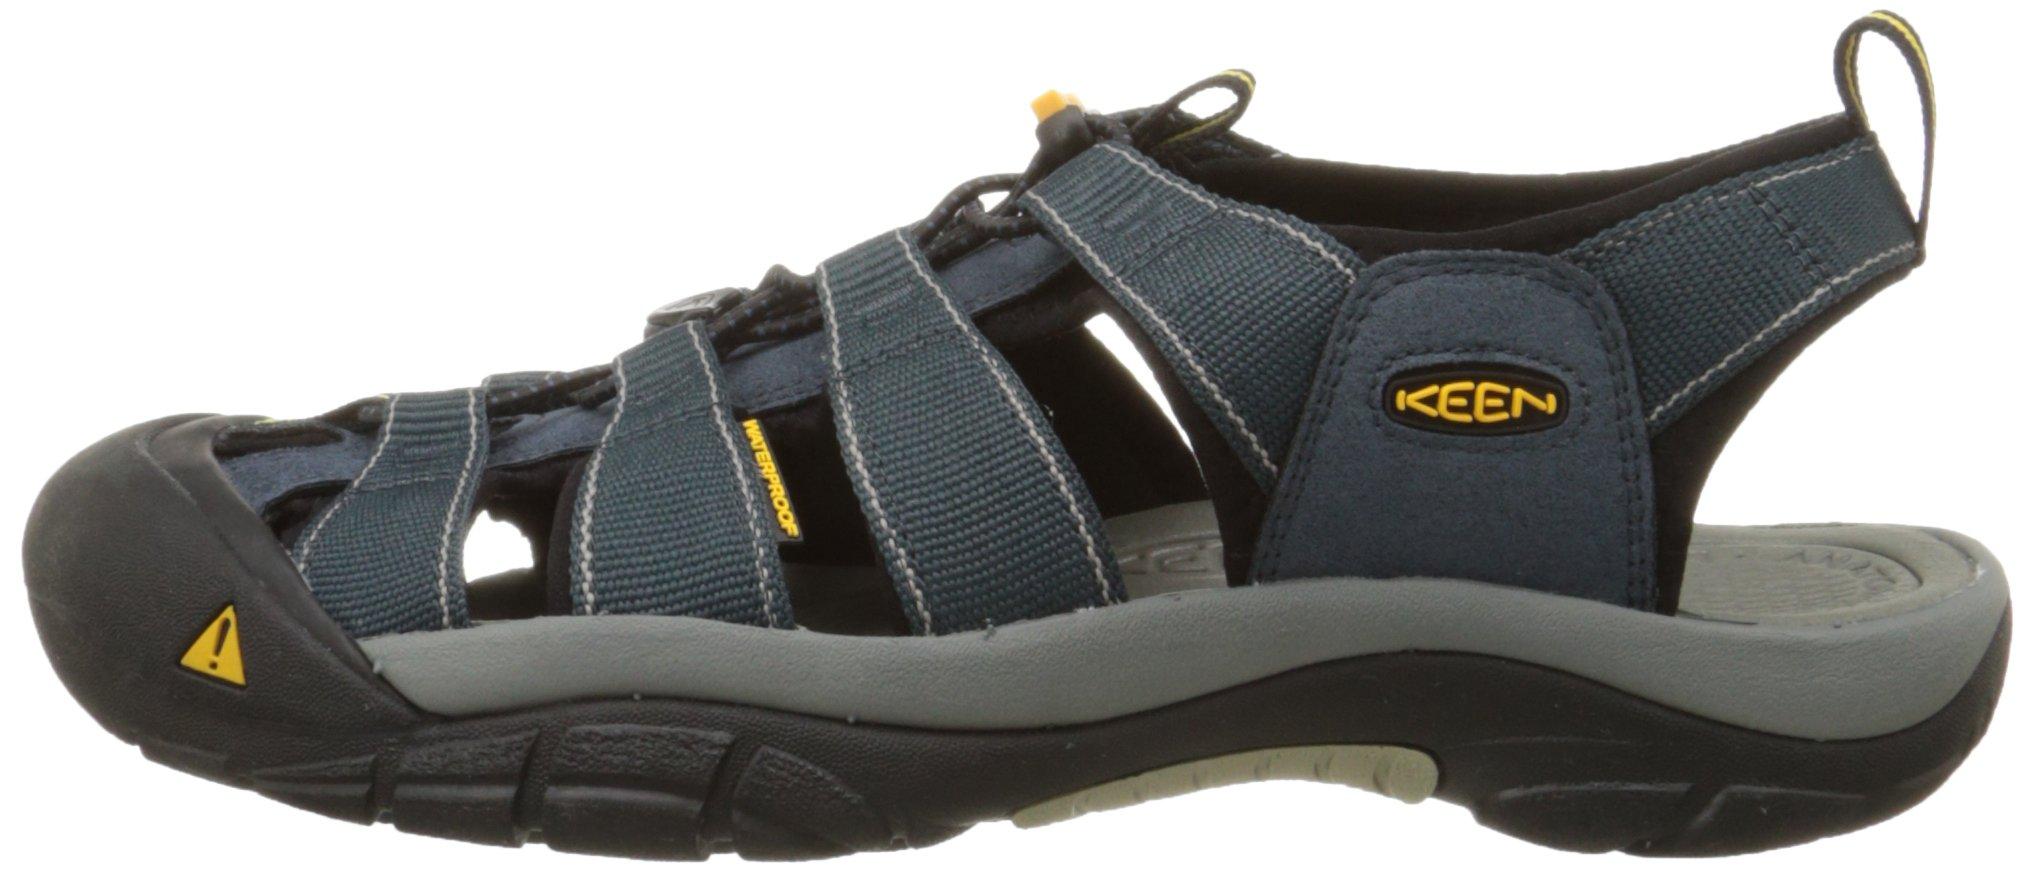 2ed3568fbca3 Amazon.com  KEEN Footwear